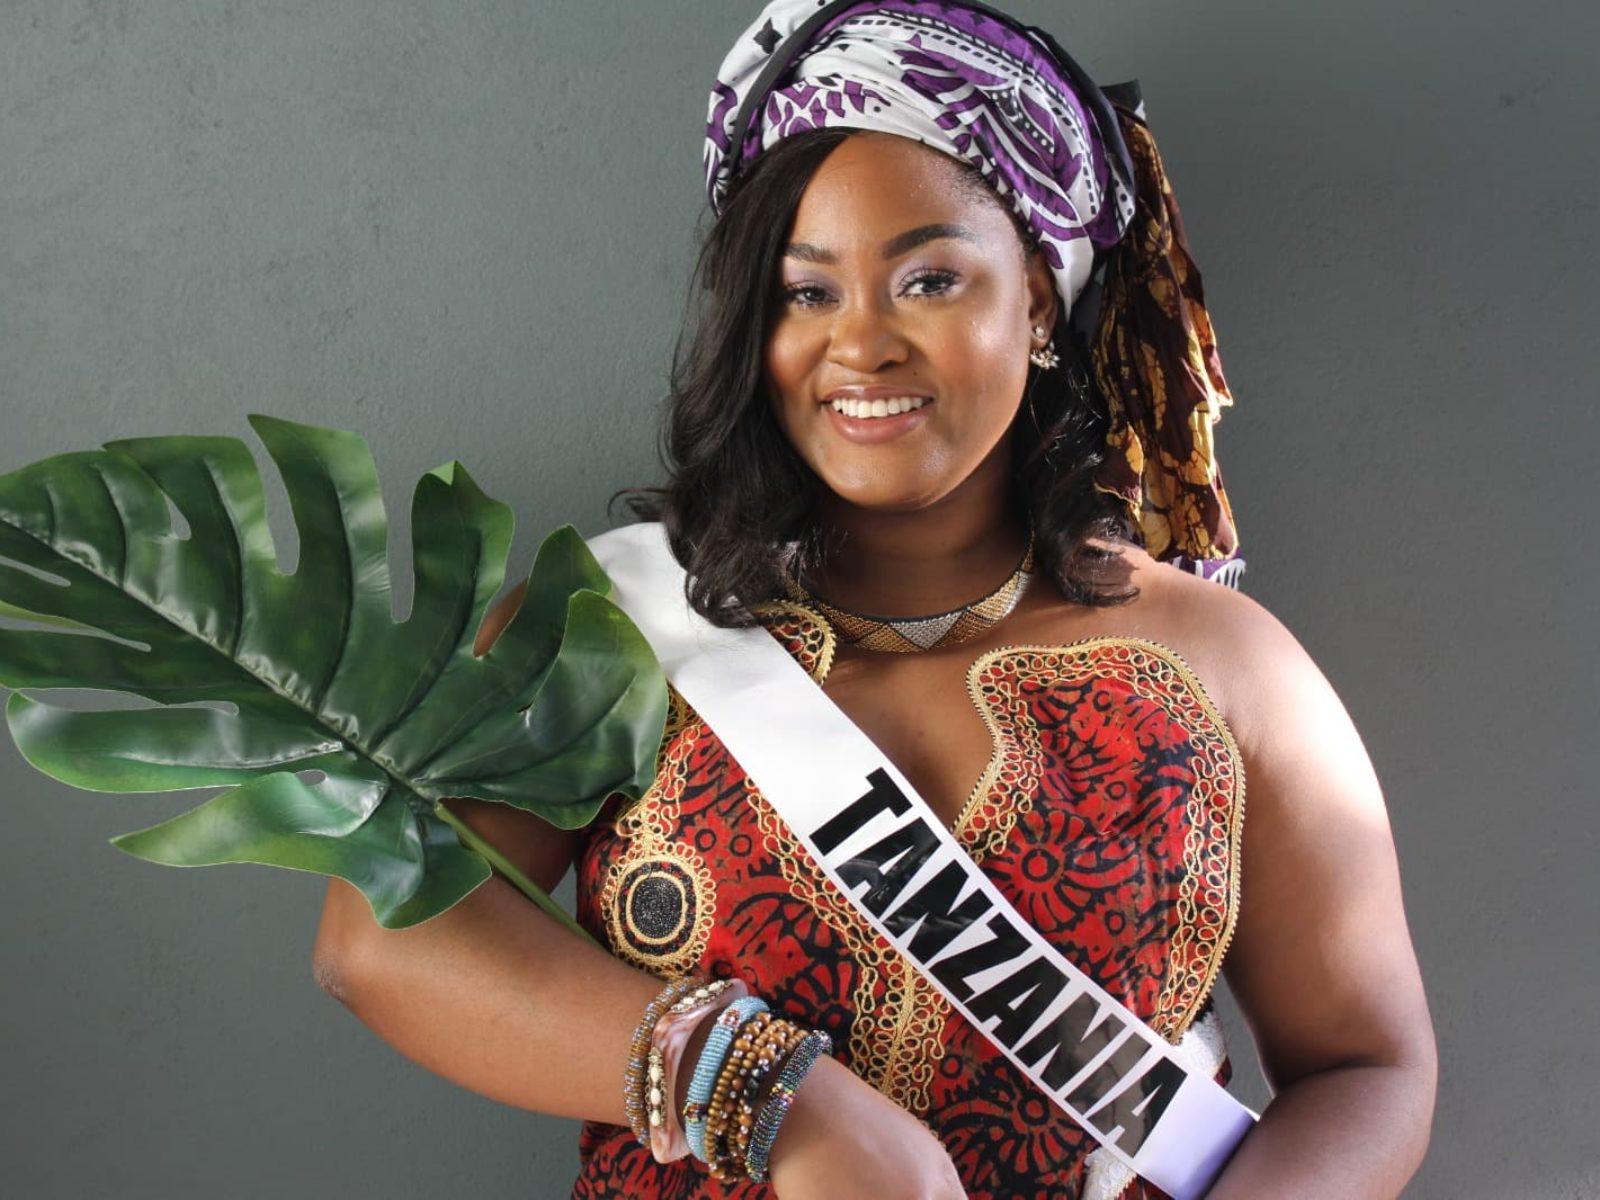 https://missafricaamerica.org/wp-content/uploads/2019/08/misstz2-1600x1200.jpg